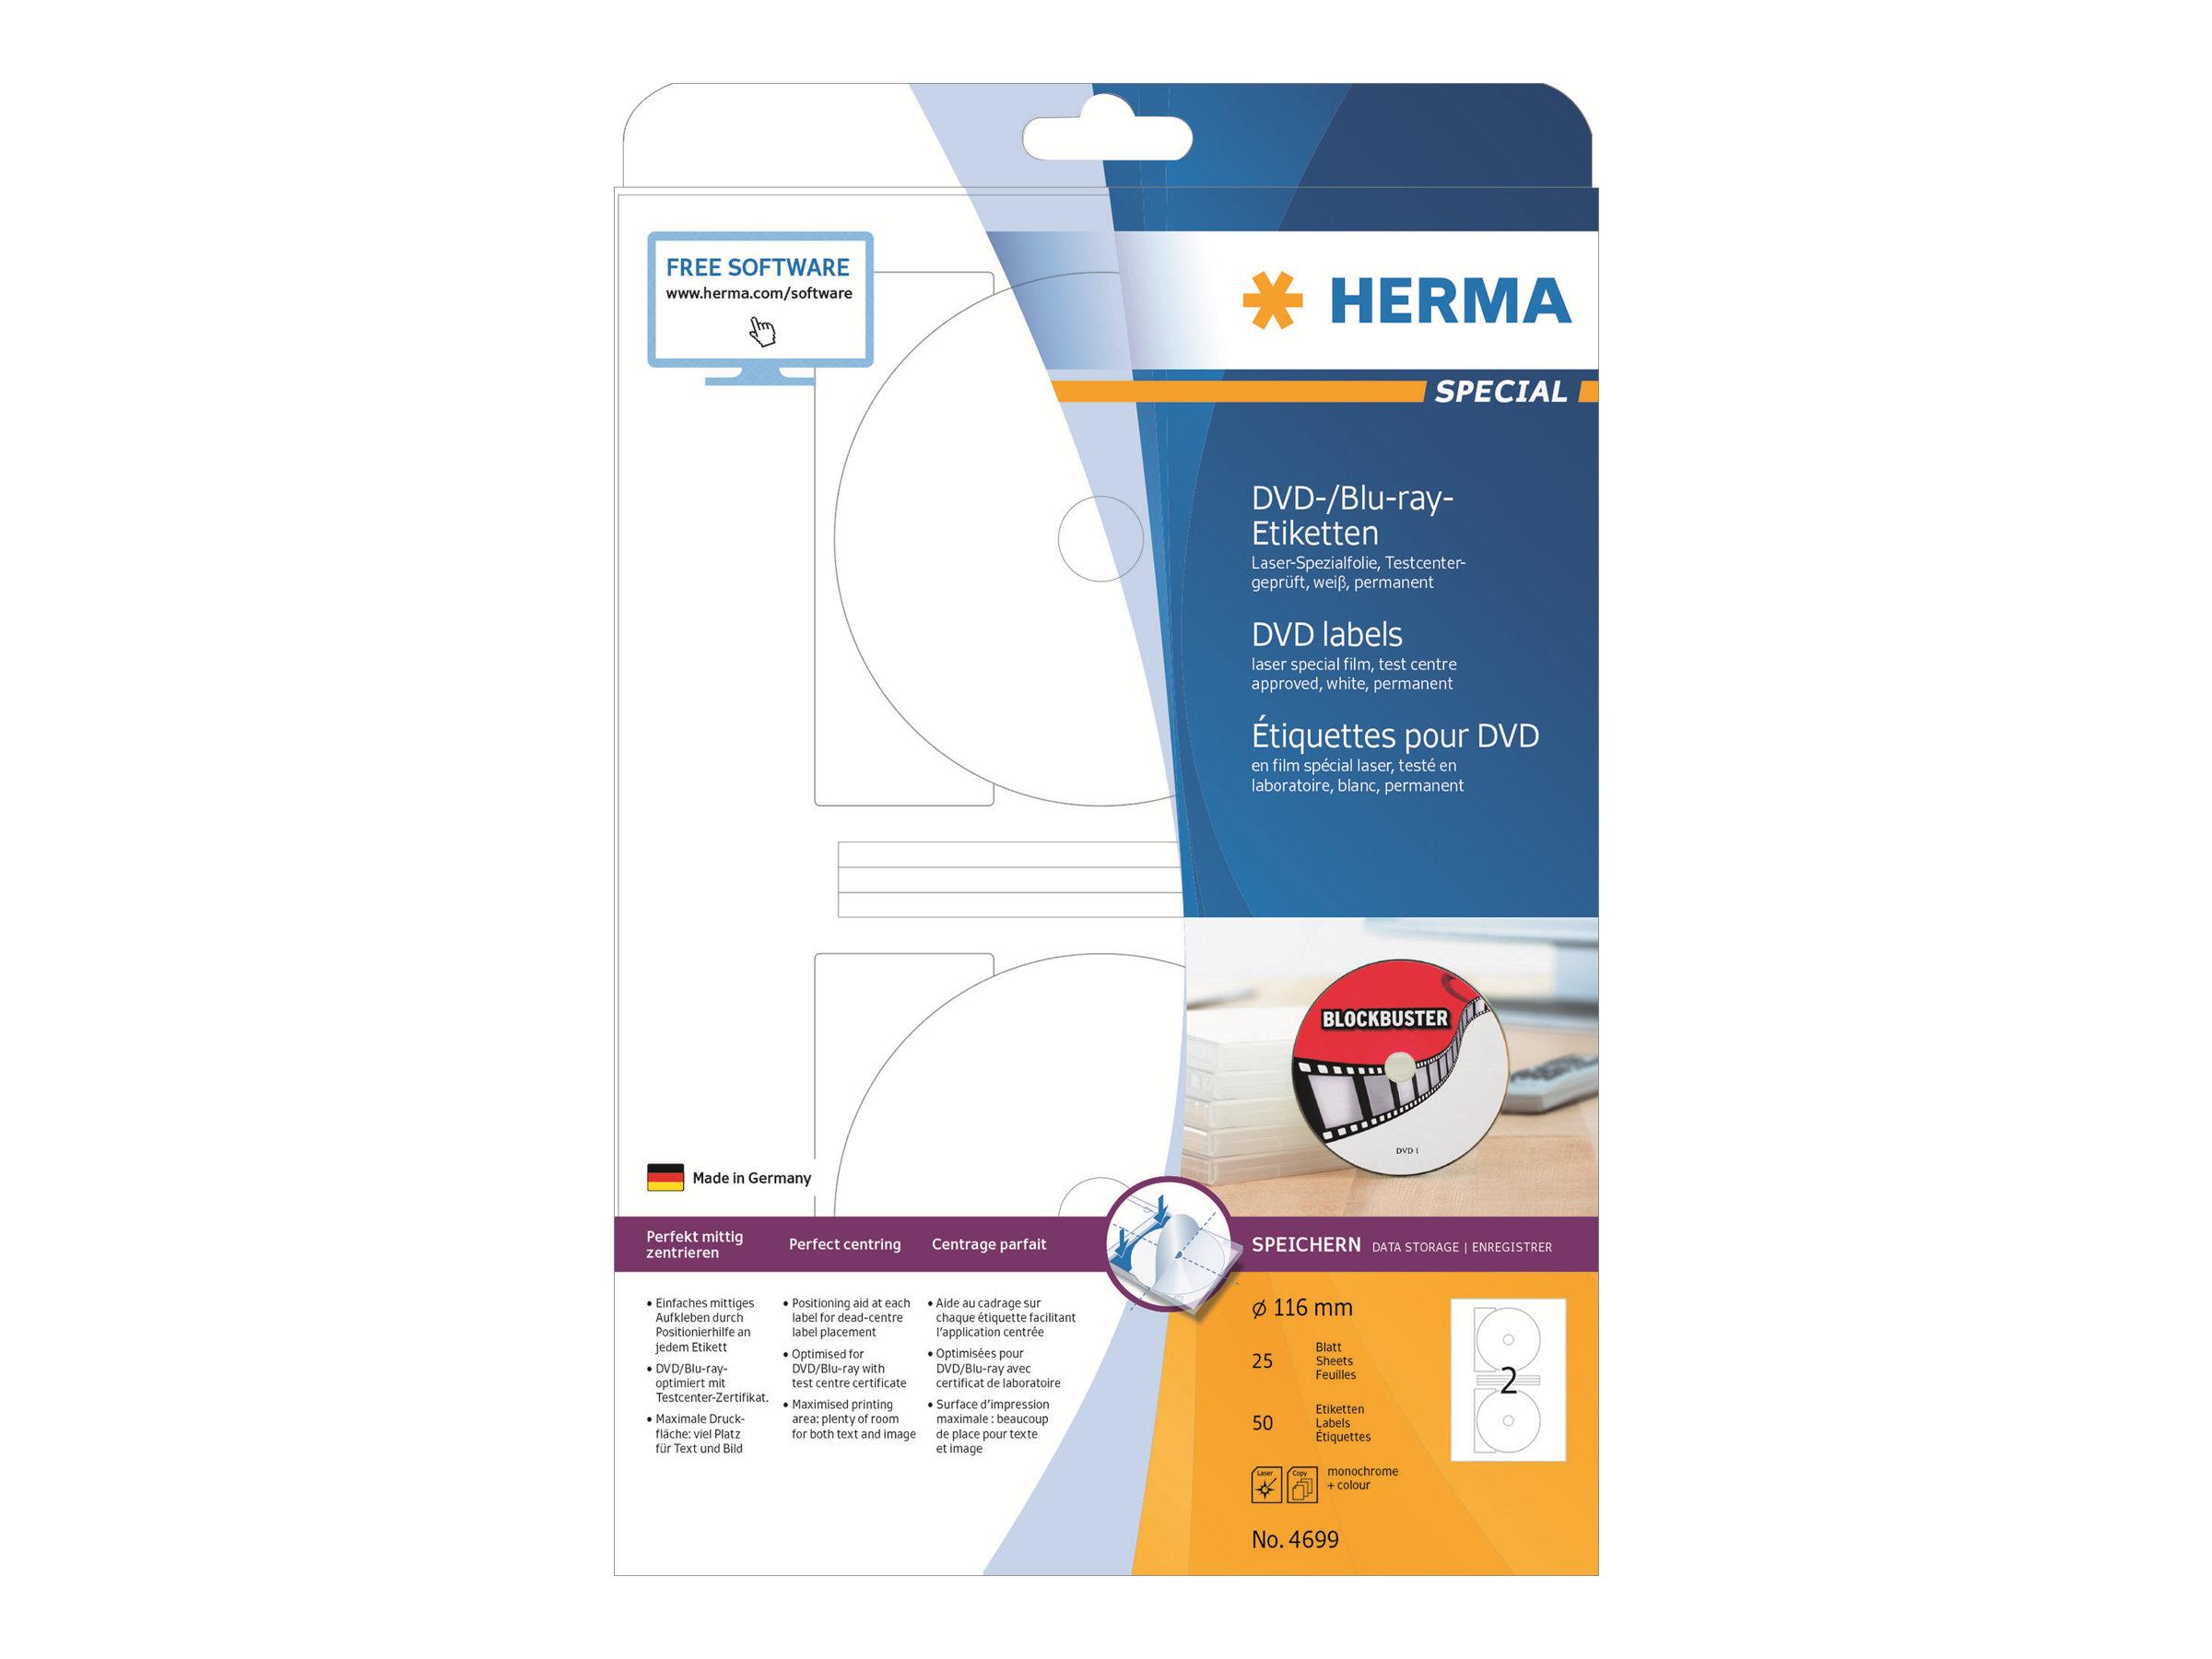 HERMA Special Maxi - Weiß - 116 mm rund 50 Etikett(en) (25 Bogen x 2) permanent selbstklebende, matte BD-/DVD-Etiketten aus Polyesterfolie